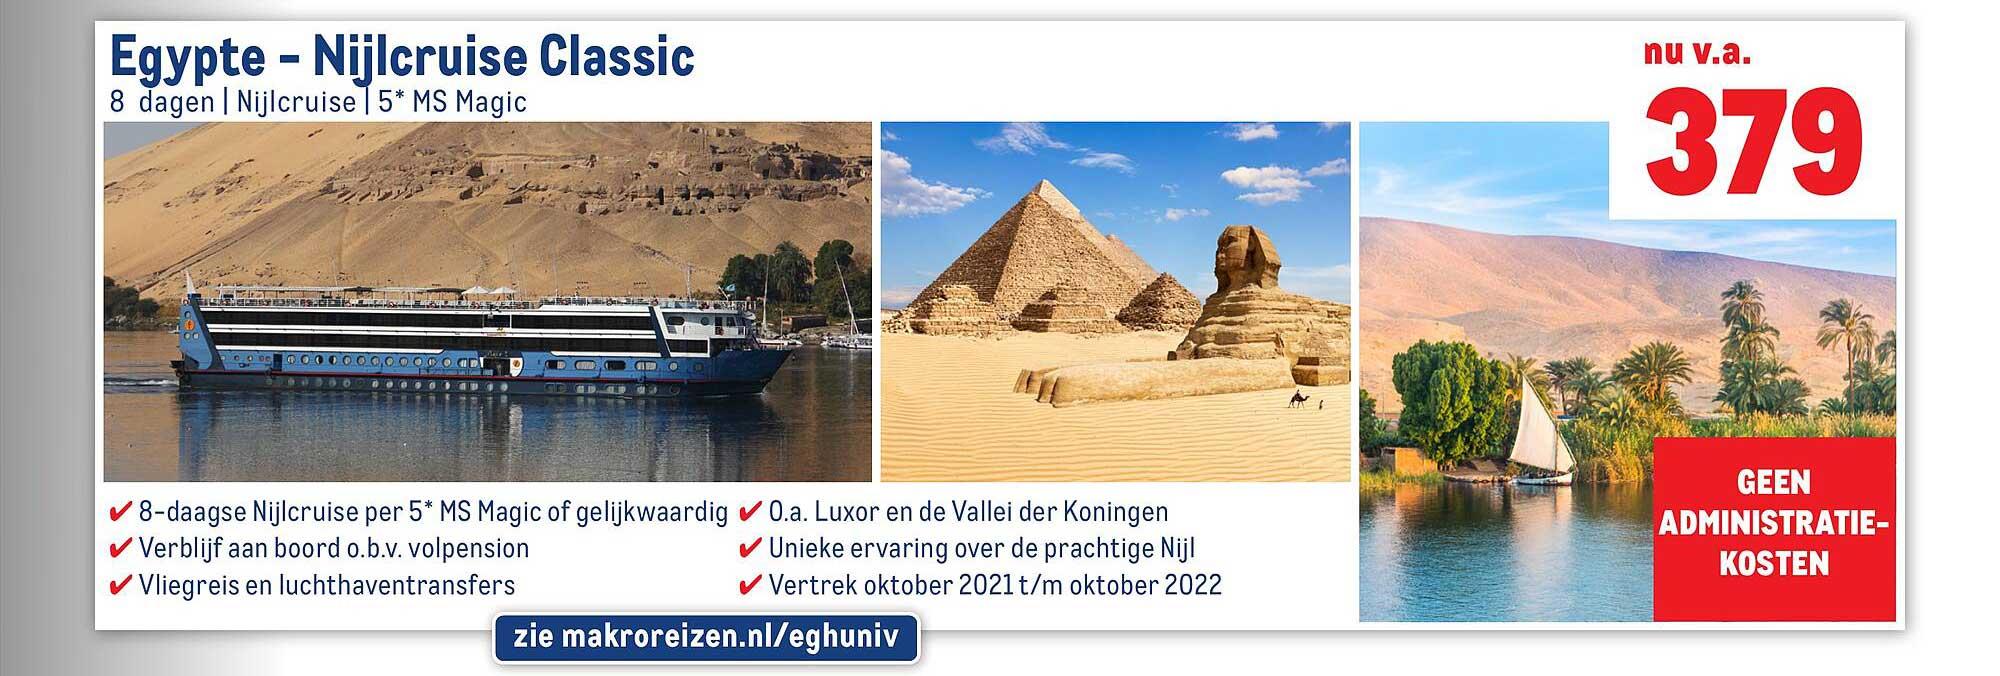 Makro Reizen Egypte - Nijlcruise Classic